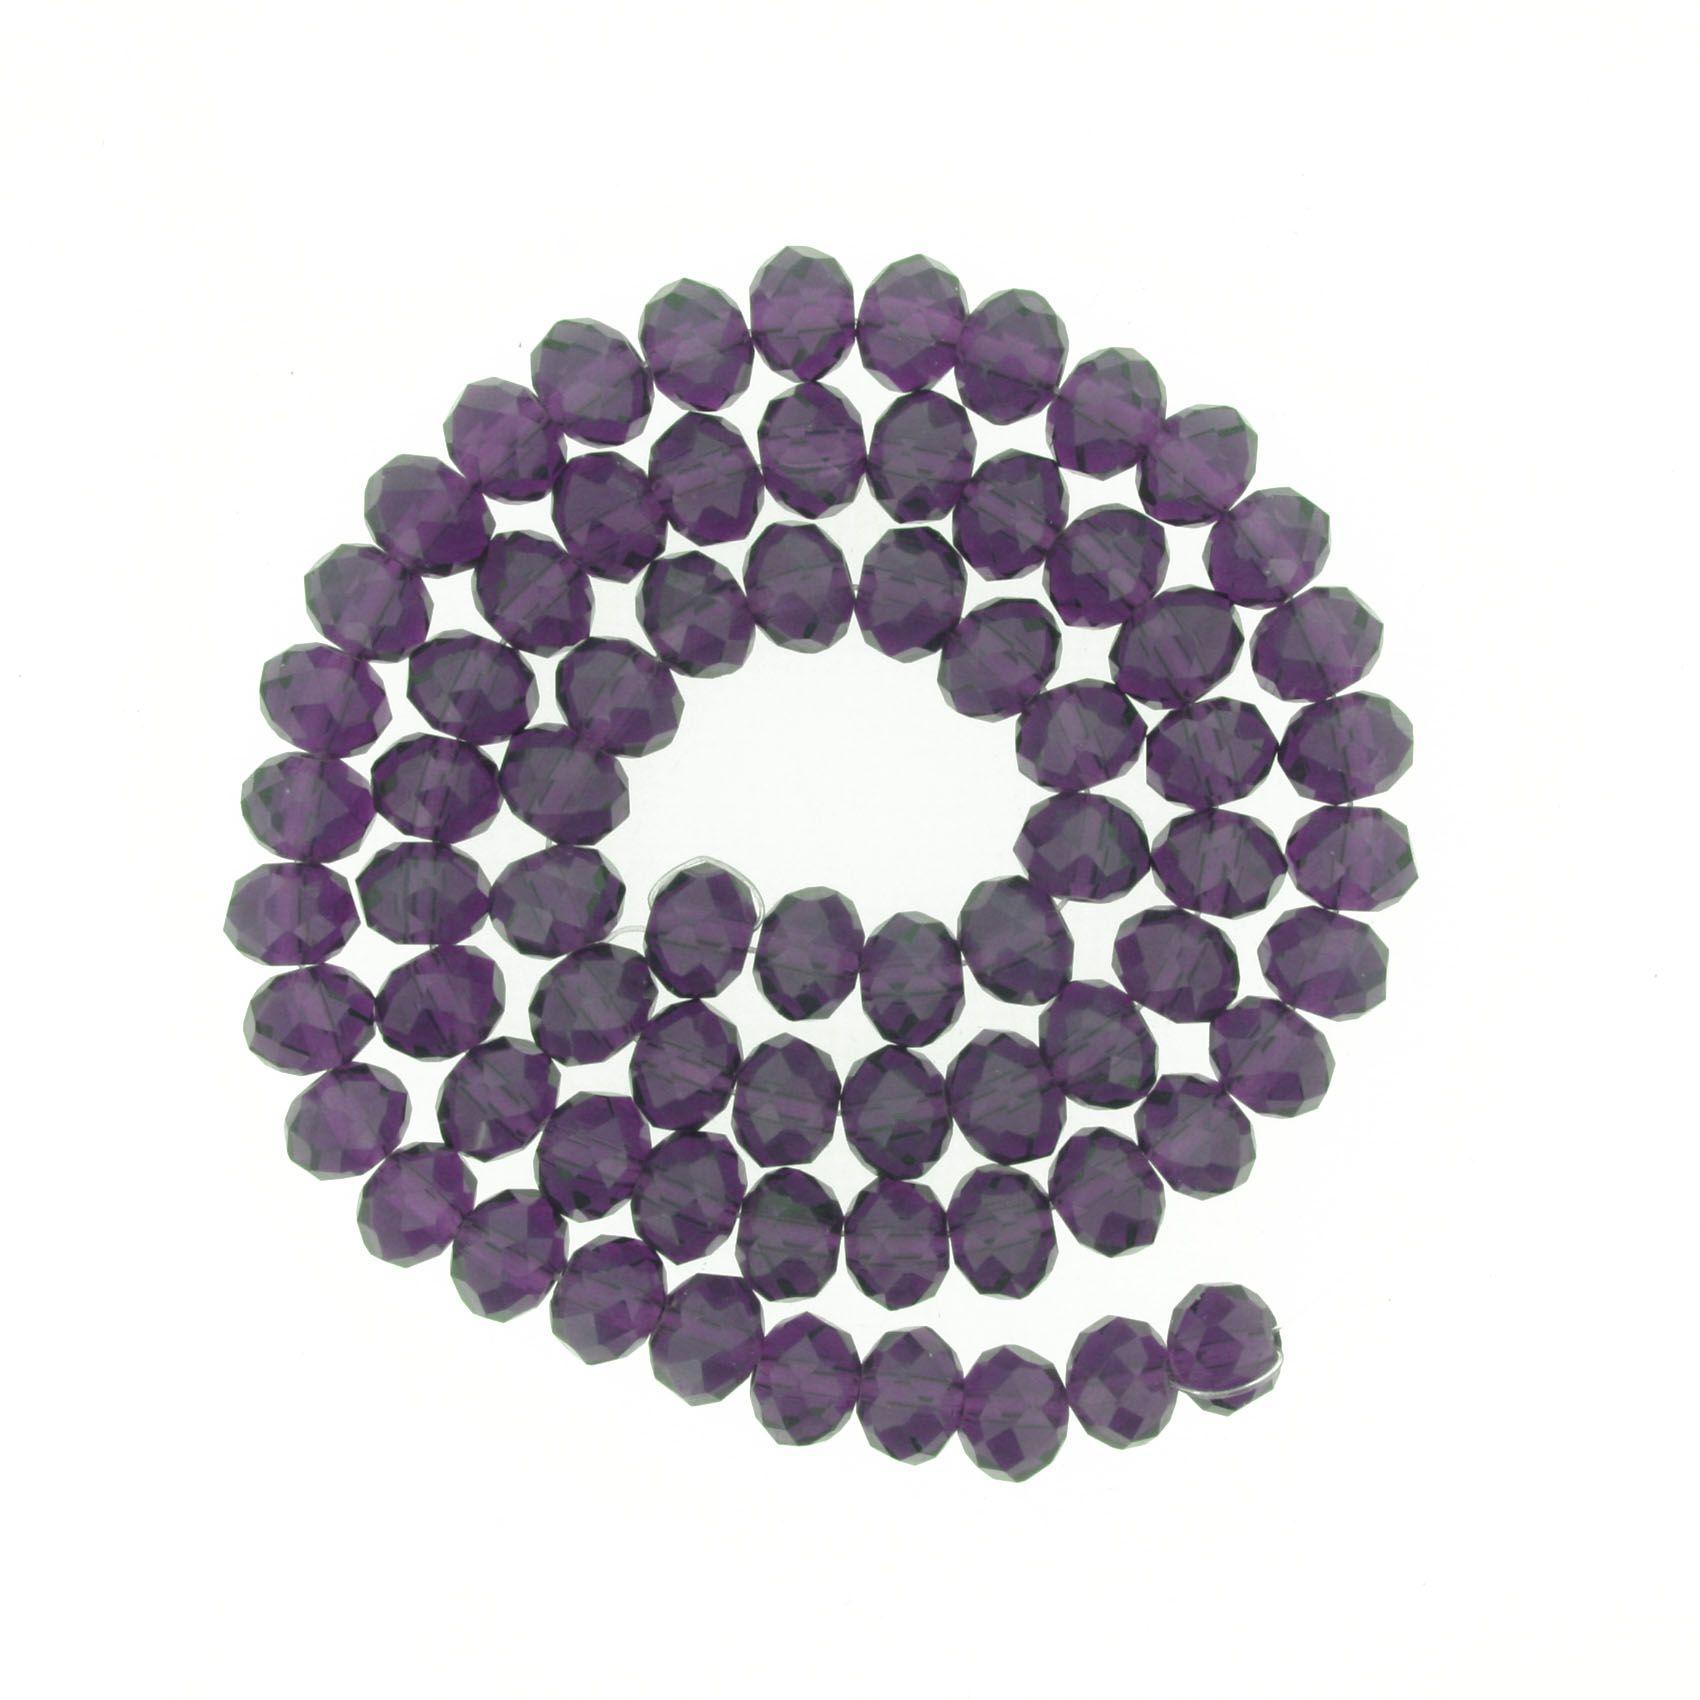 Fio de Cristal - Piatto® - Uva Transparente - 8mm  - Universo Religioso® - Artigos de Umbanda e Candomblé